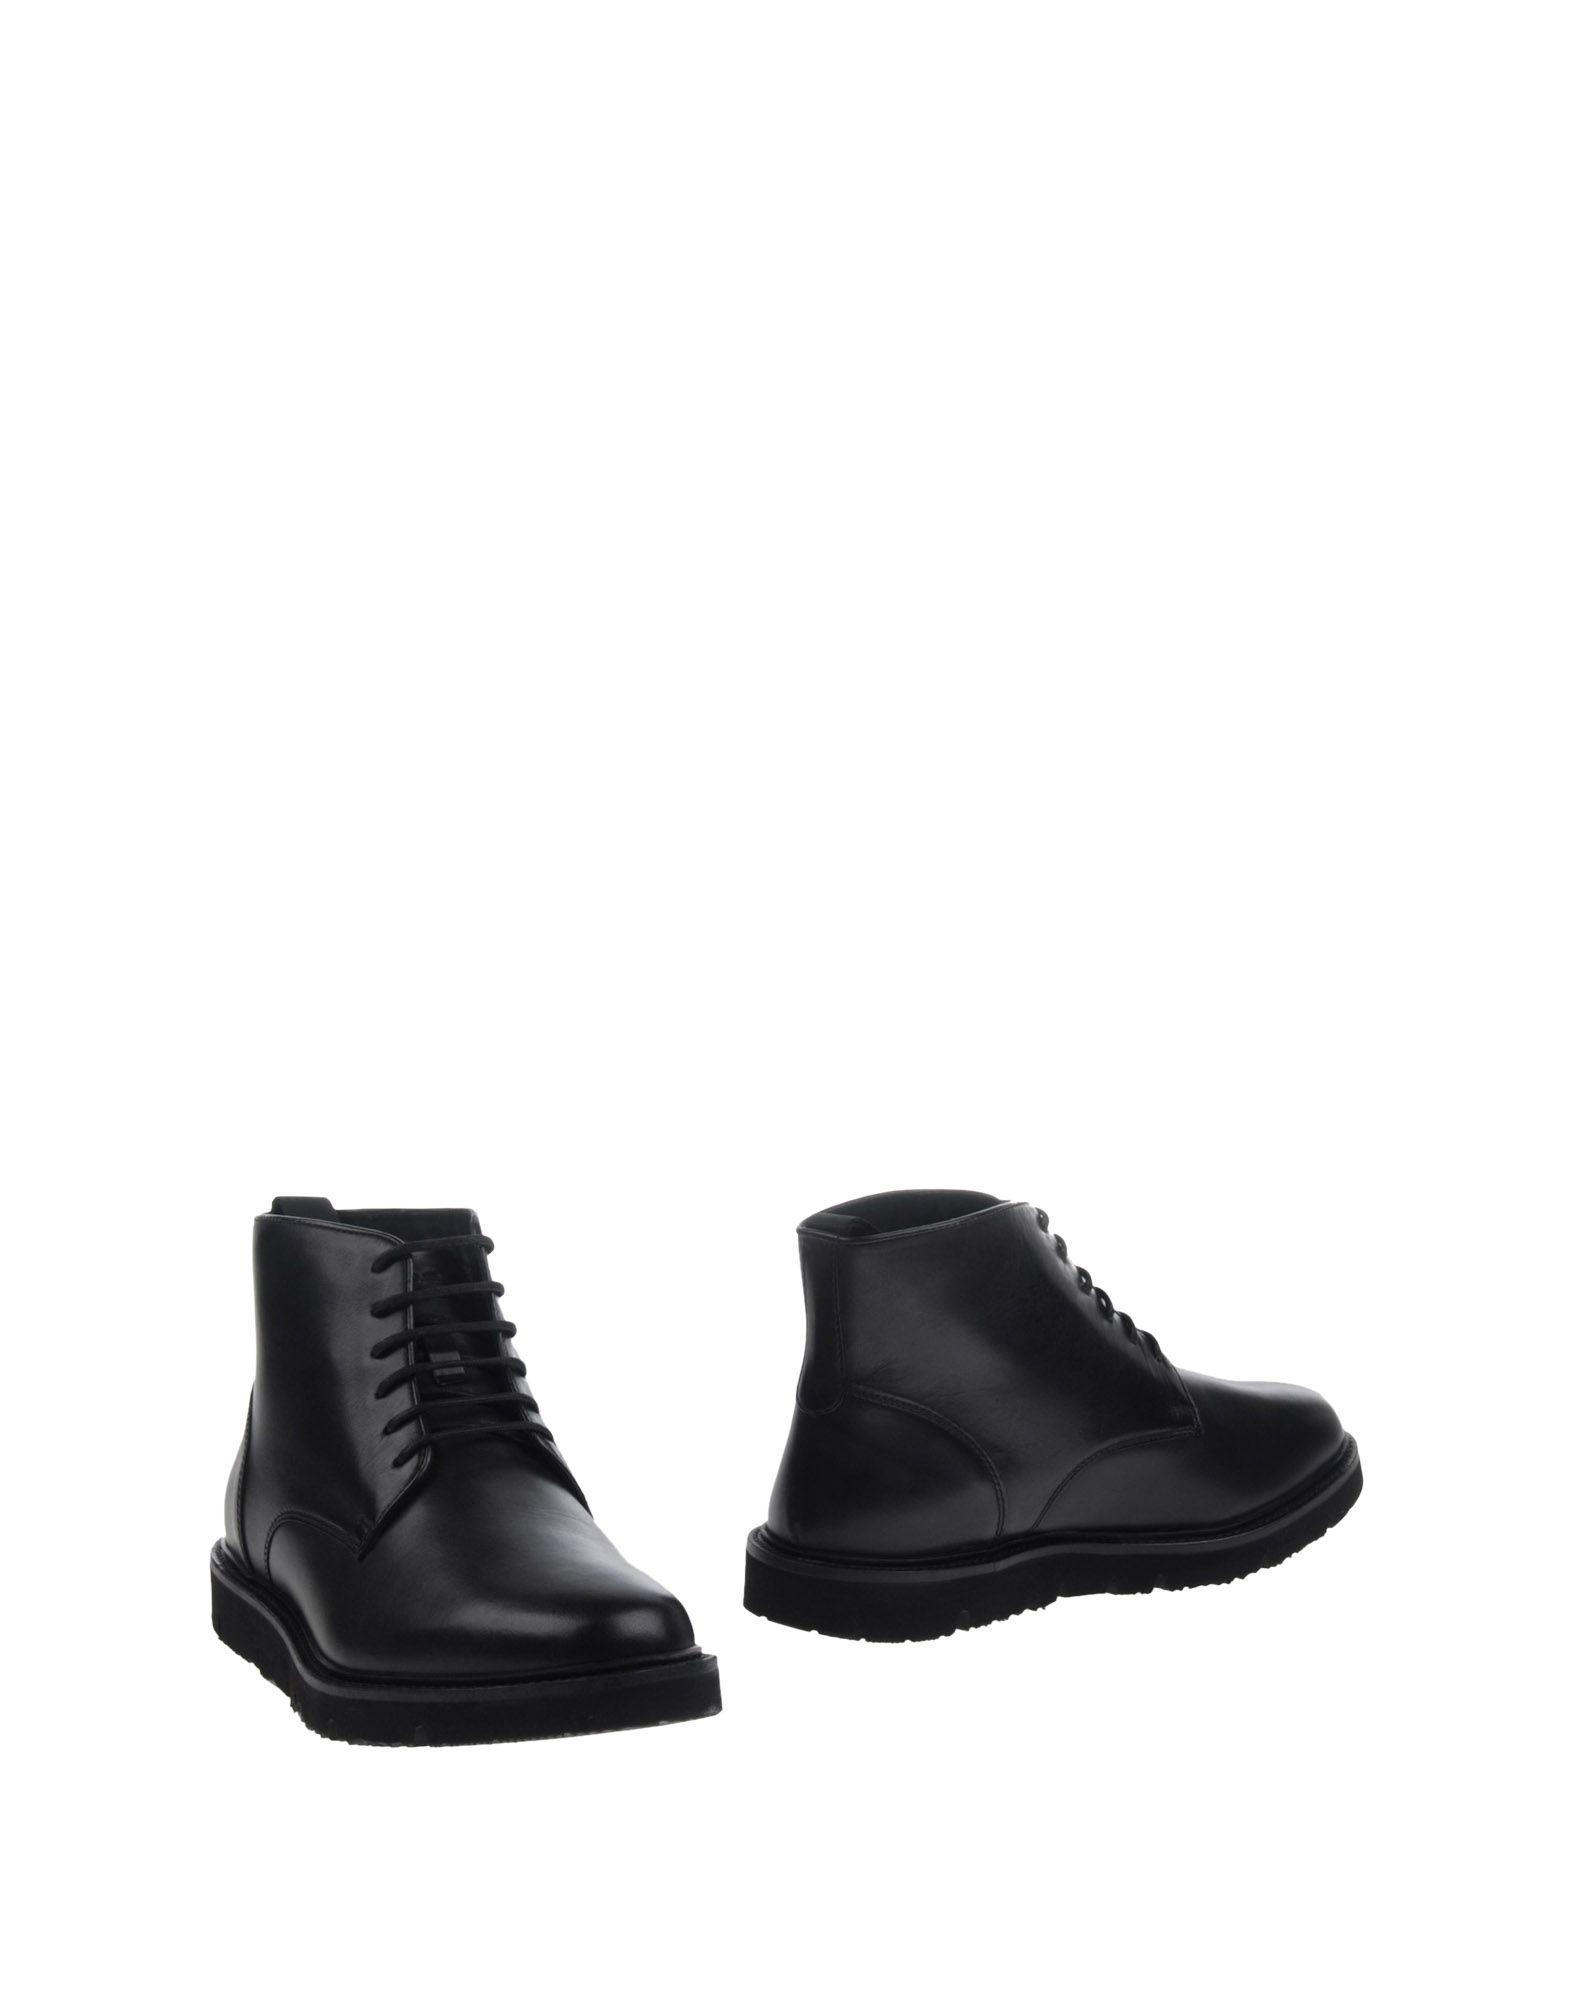 купить ARMANI JEANS Полусапоги и высокие ботинки по цене 18500 рублей